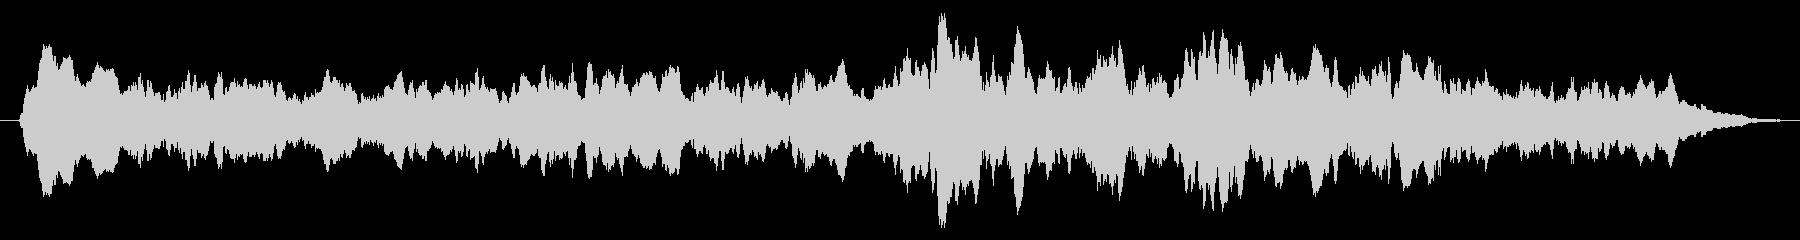 凱旋シーンを表現した悠揚なヒロイック楽…の未再生の波形